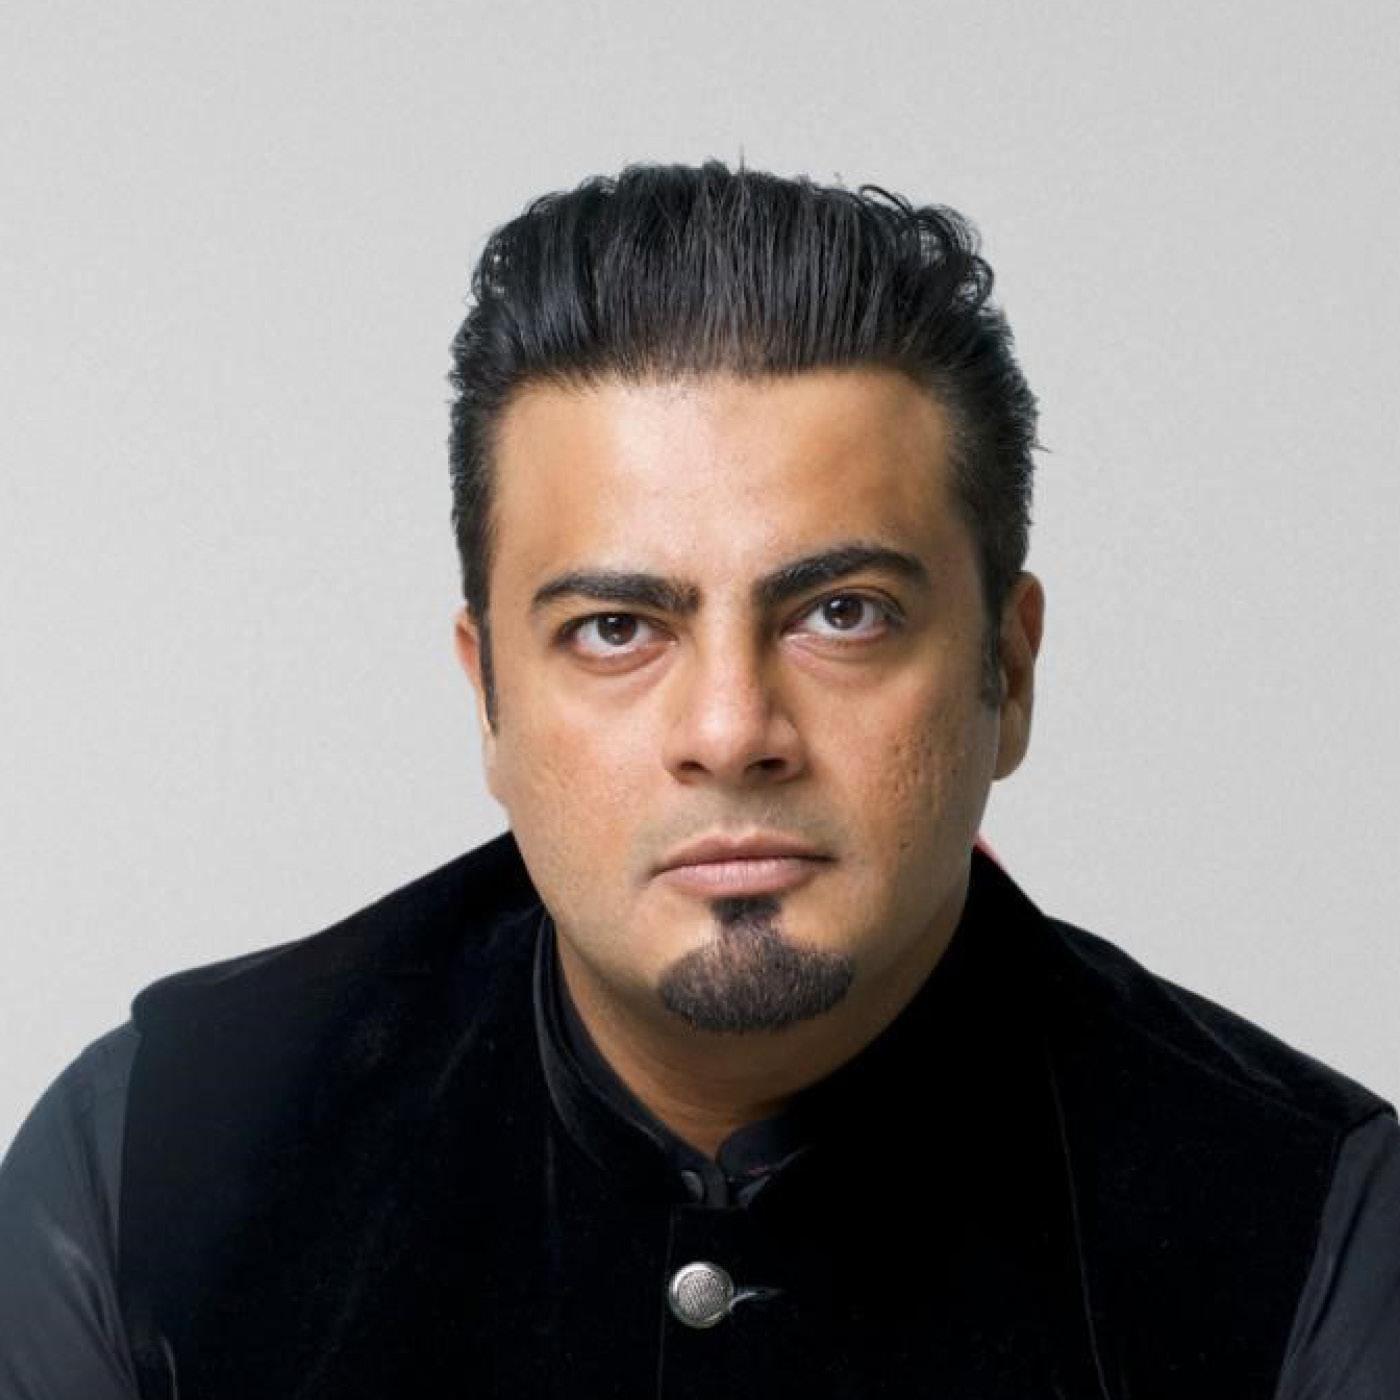 Khalid Parekh